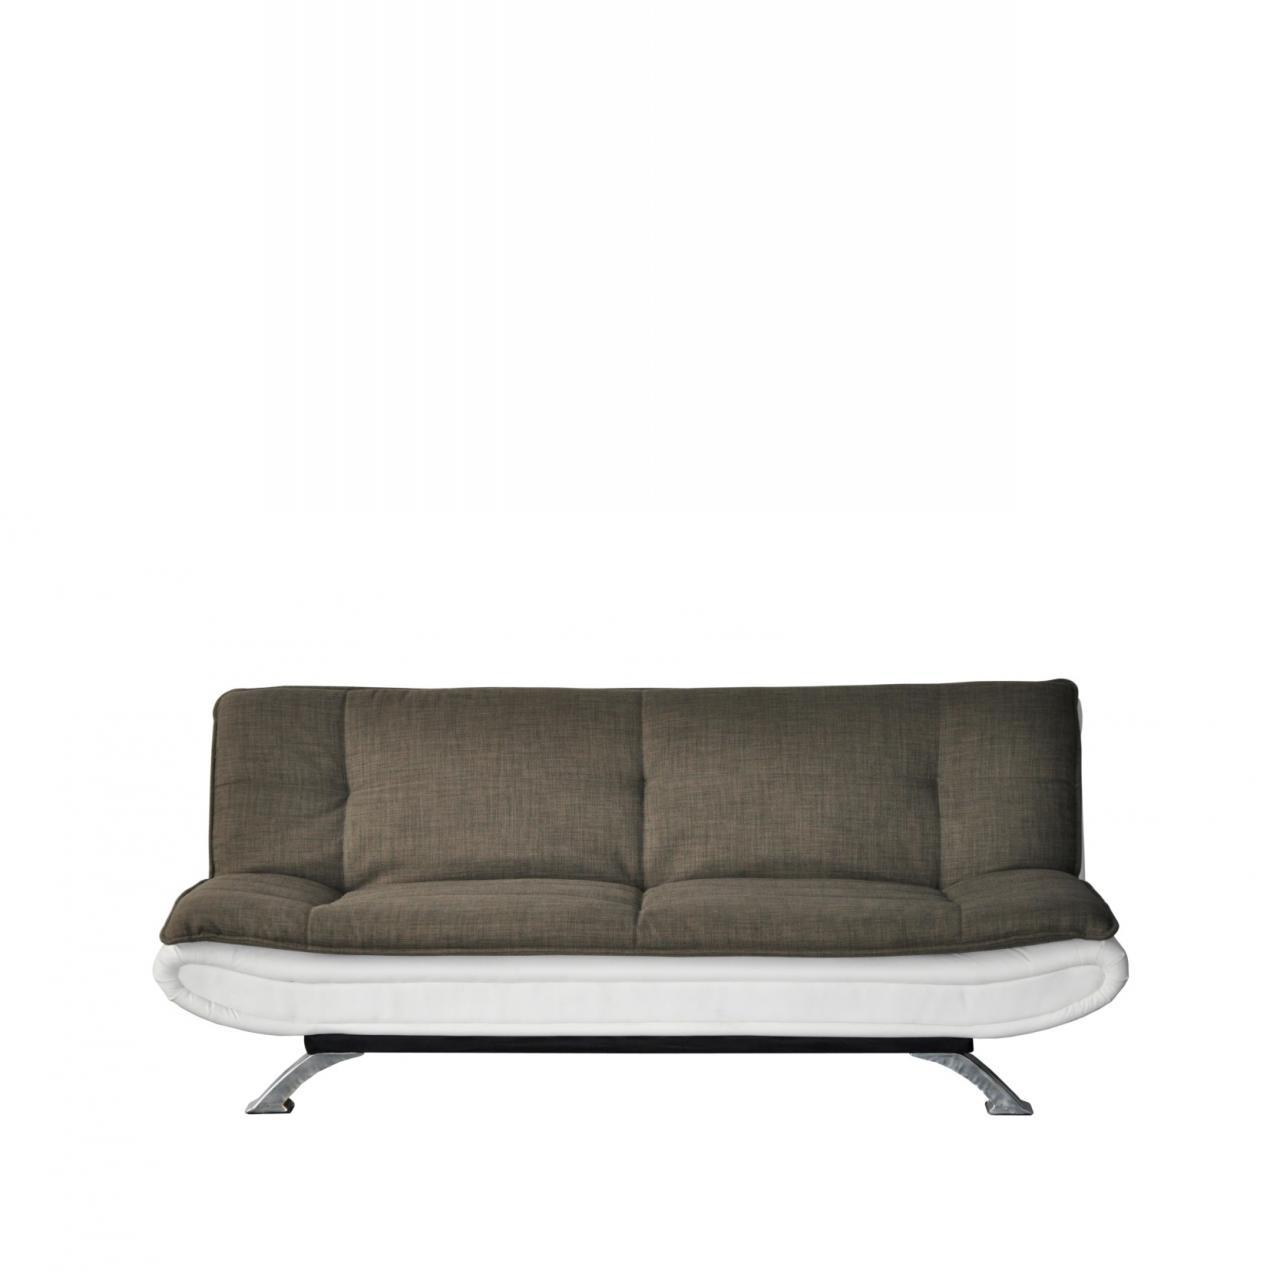 schlafsofa online kaufen schlafsofa online kaufen with schlafsofa online kaufen latest kawoo. Black Bedroom Furniture Sets. Home Design Ideas